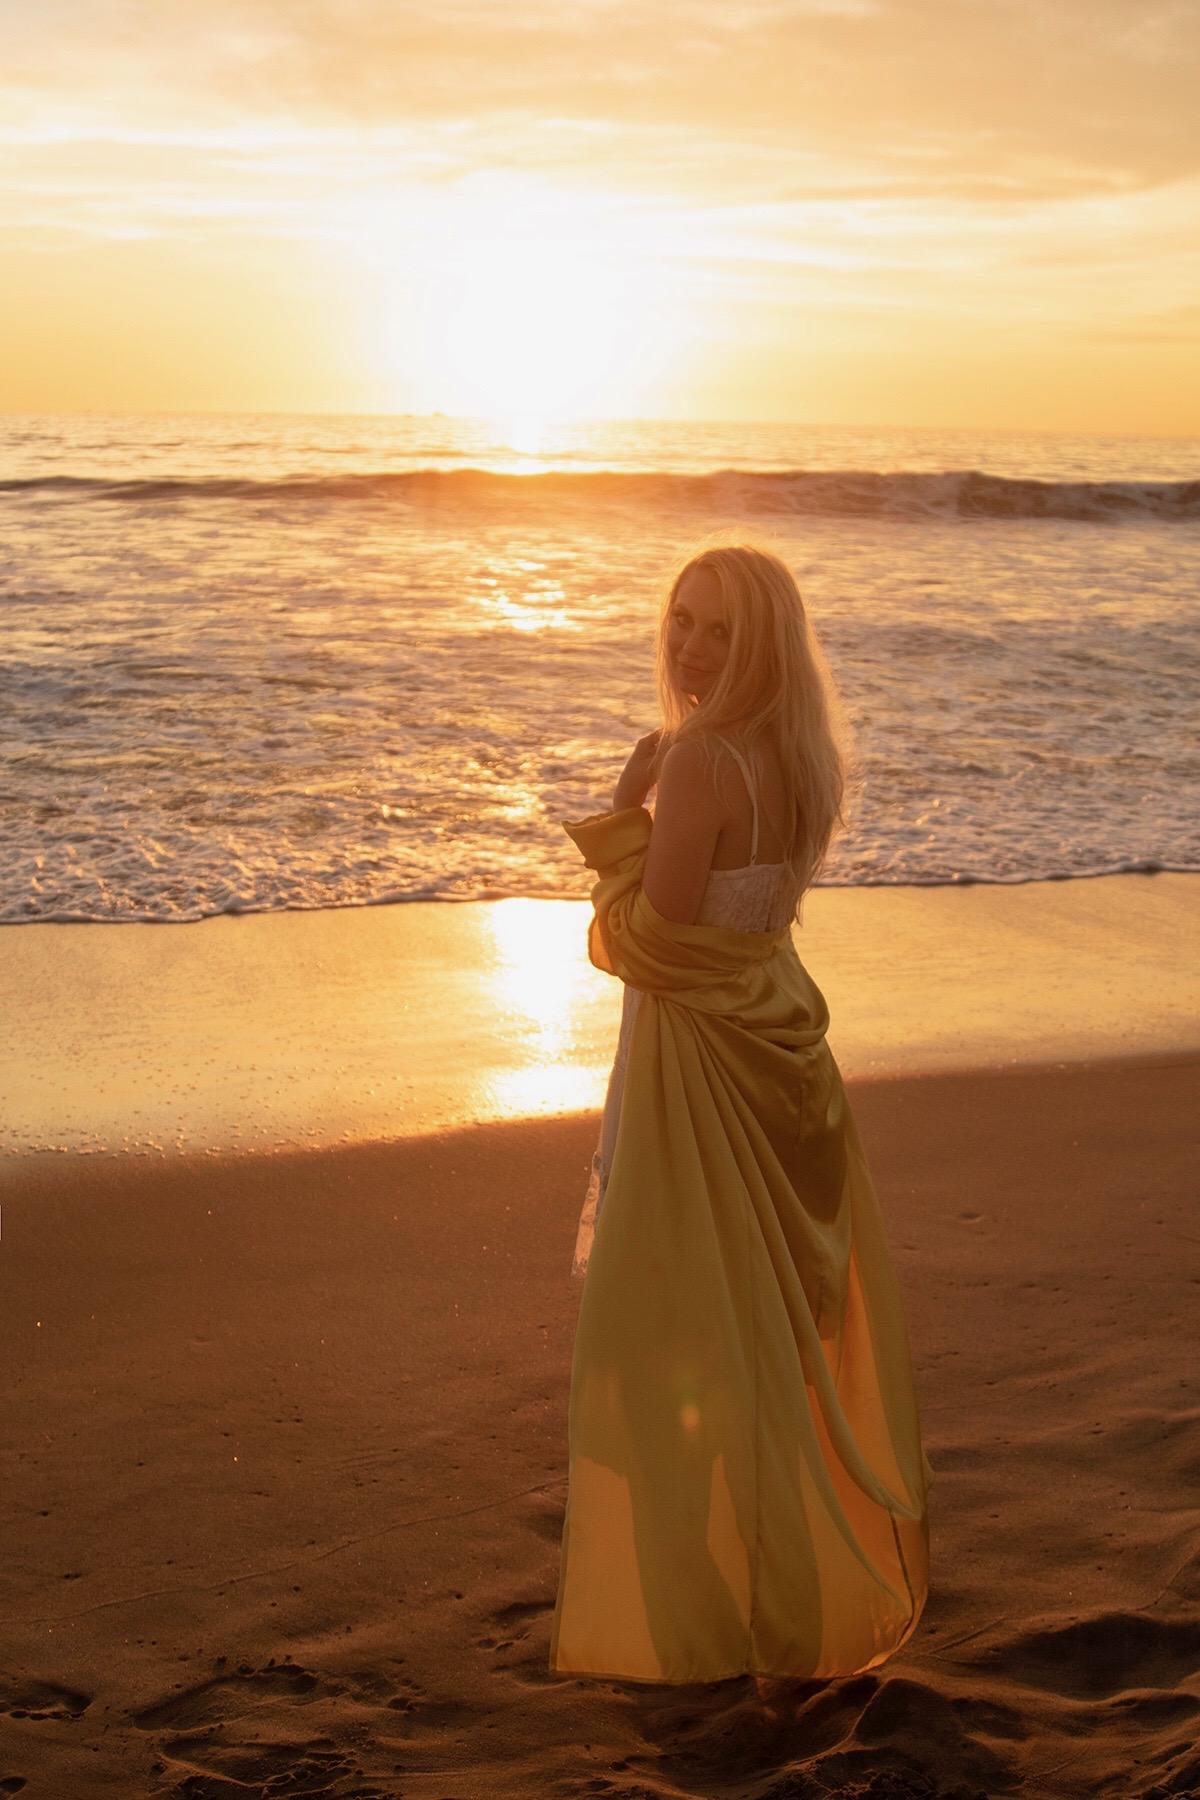 yellow robe on beach.JPG